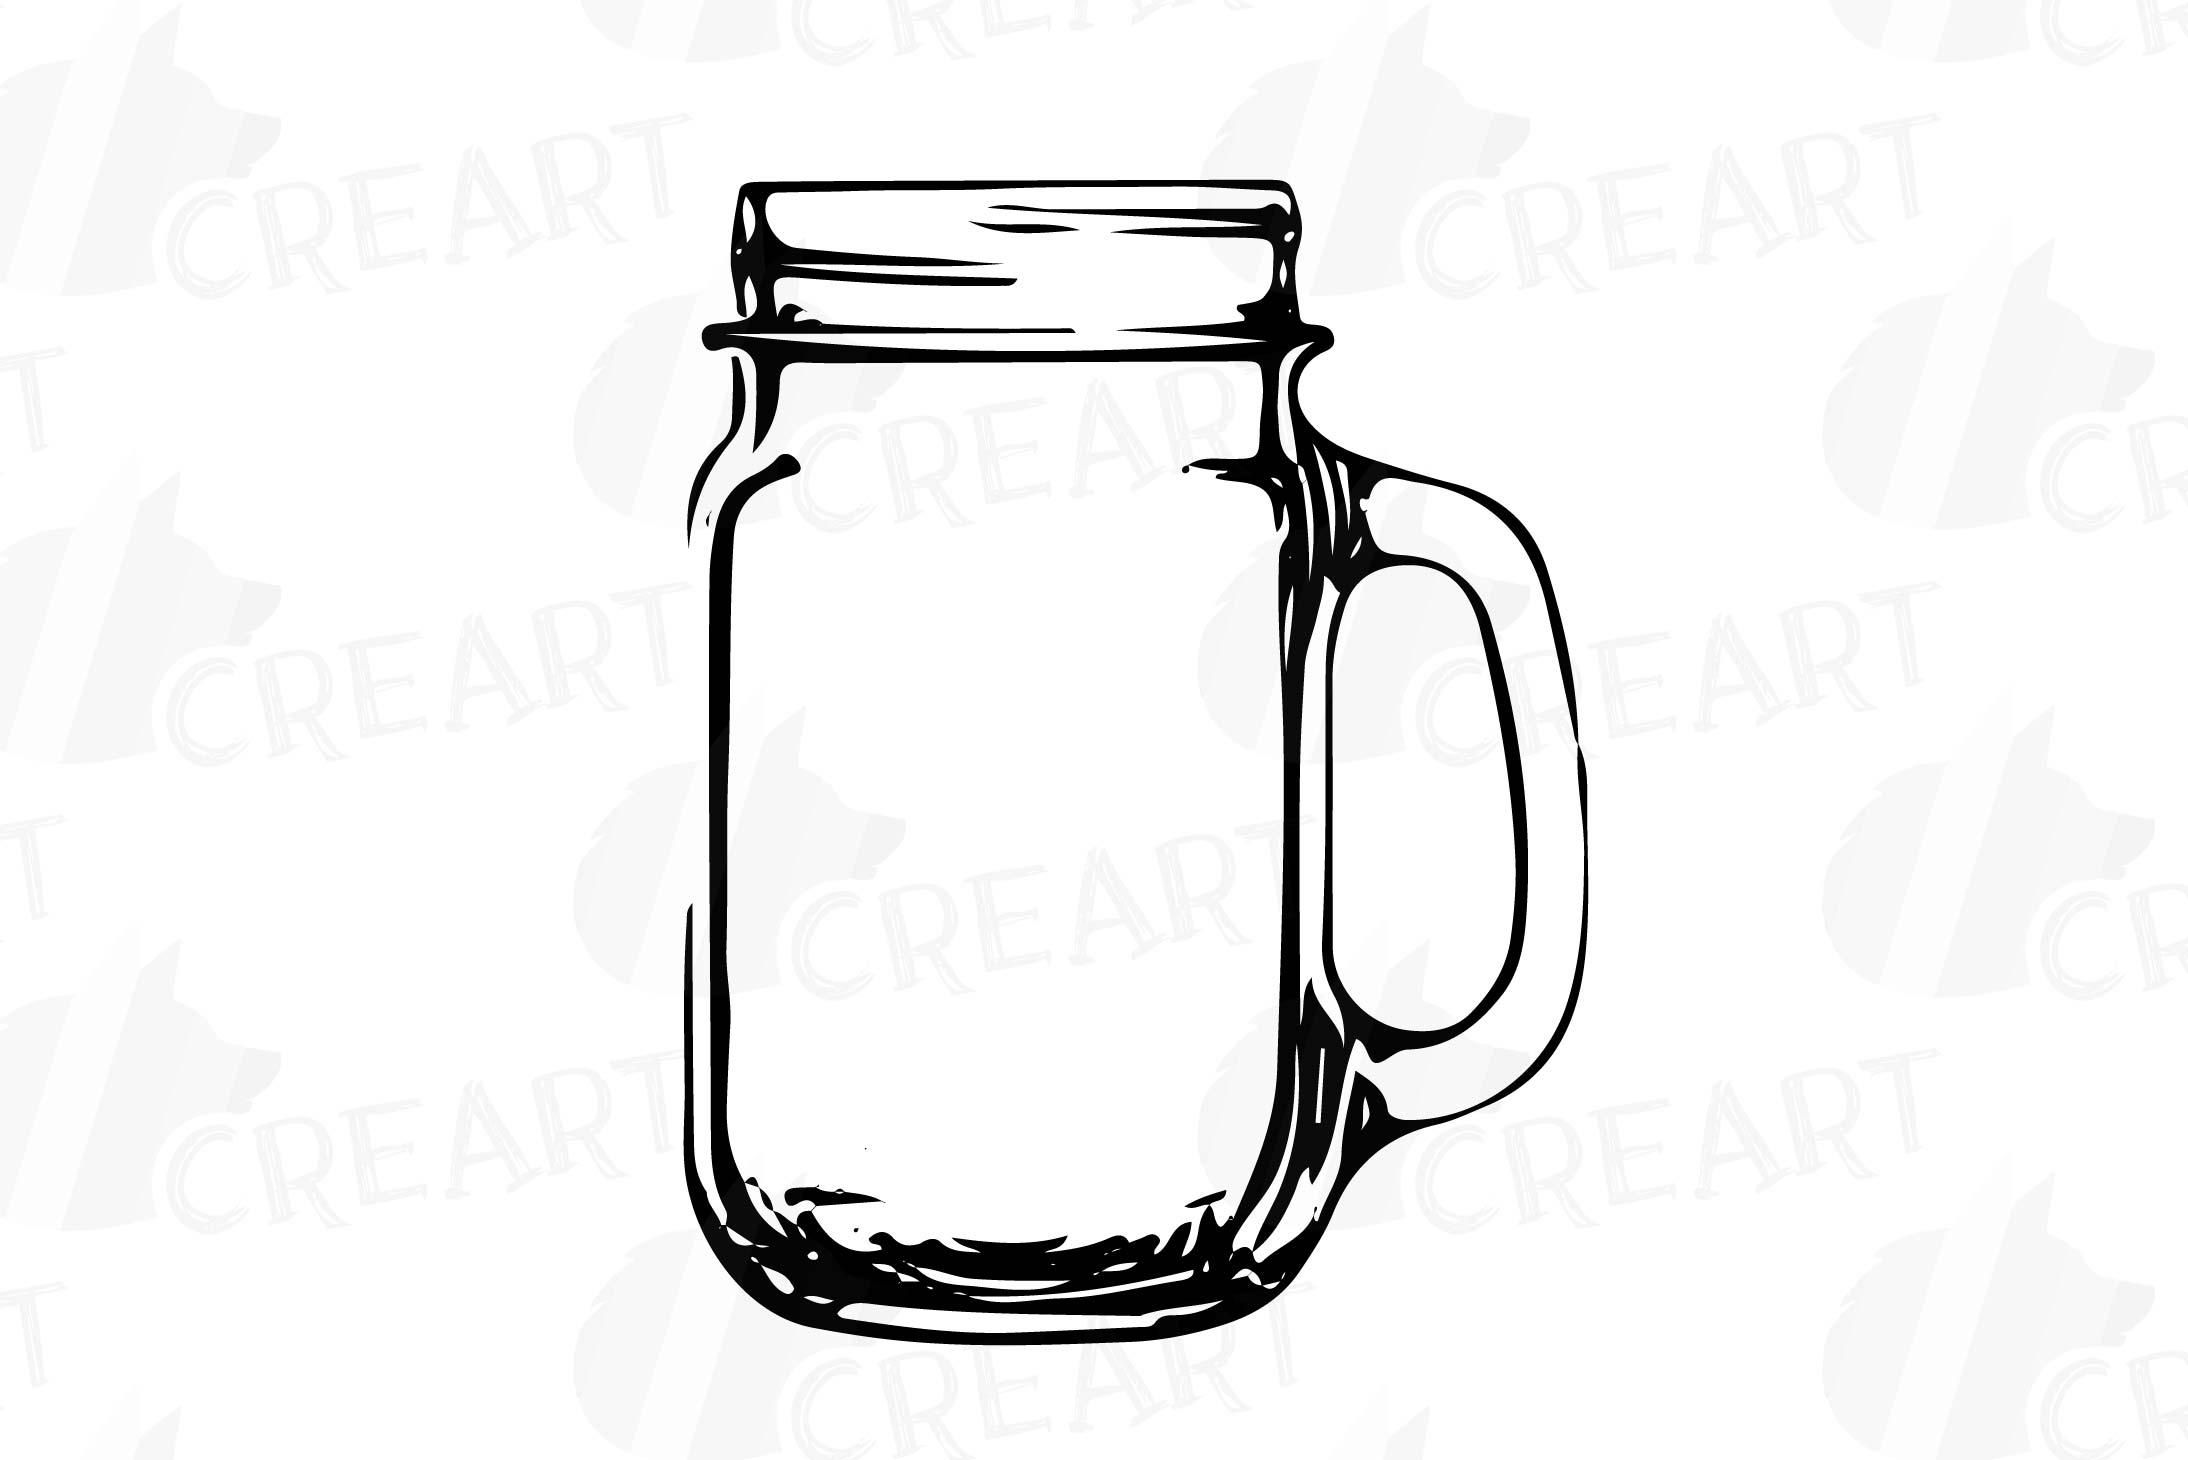 Mason Jars clipart, Glass Jars clip art, Jar crafts, Jar sil.